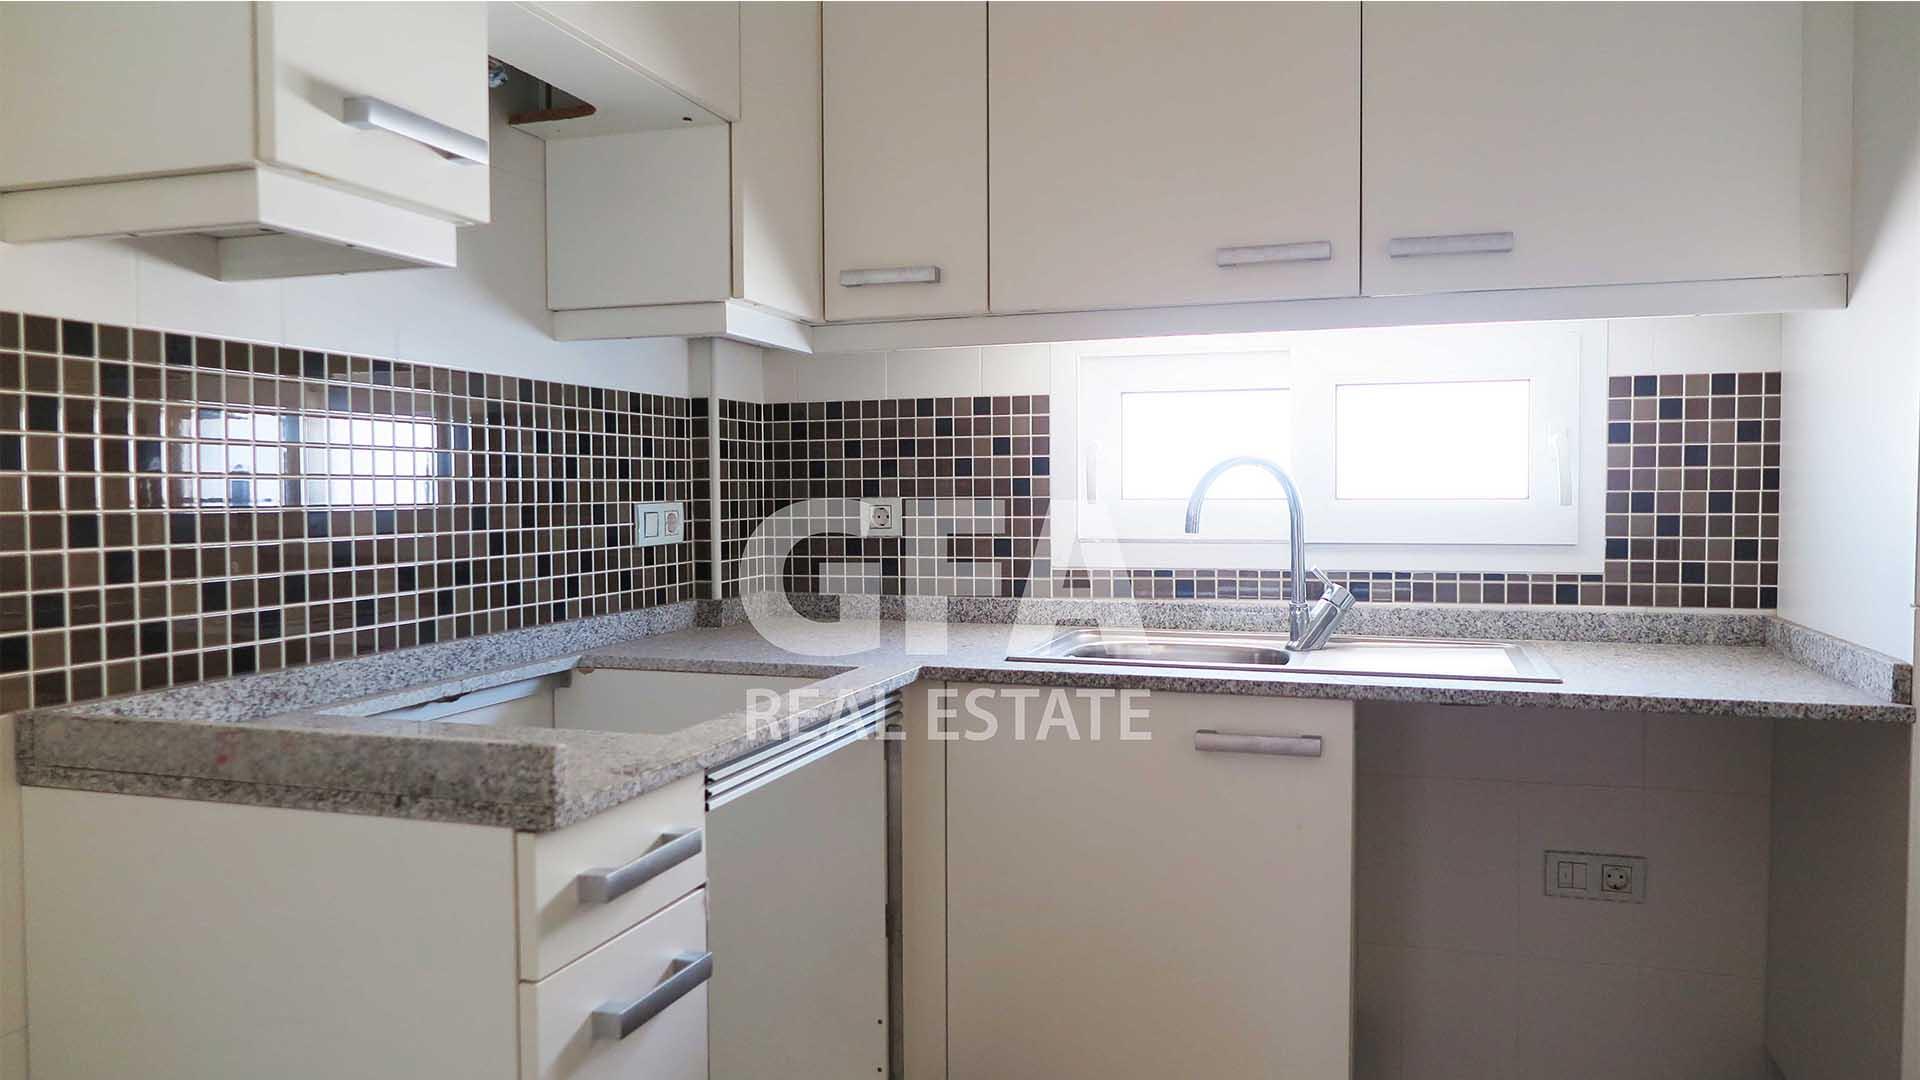 residencial-veneziola-obra-nueva_0006_48